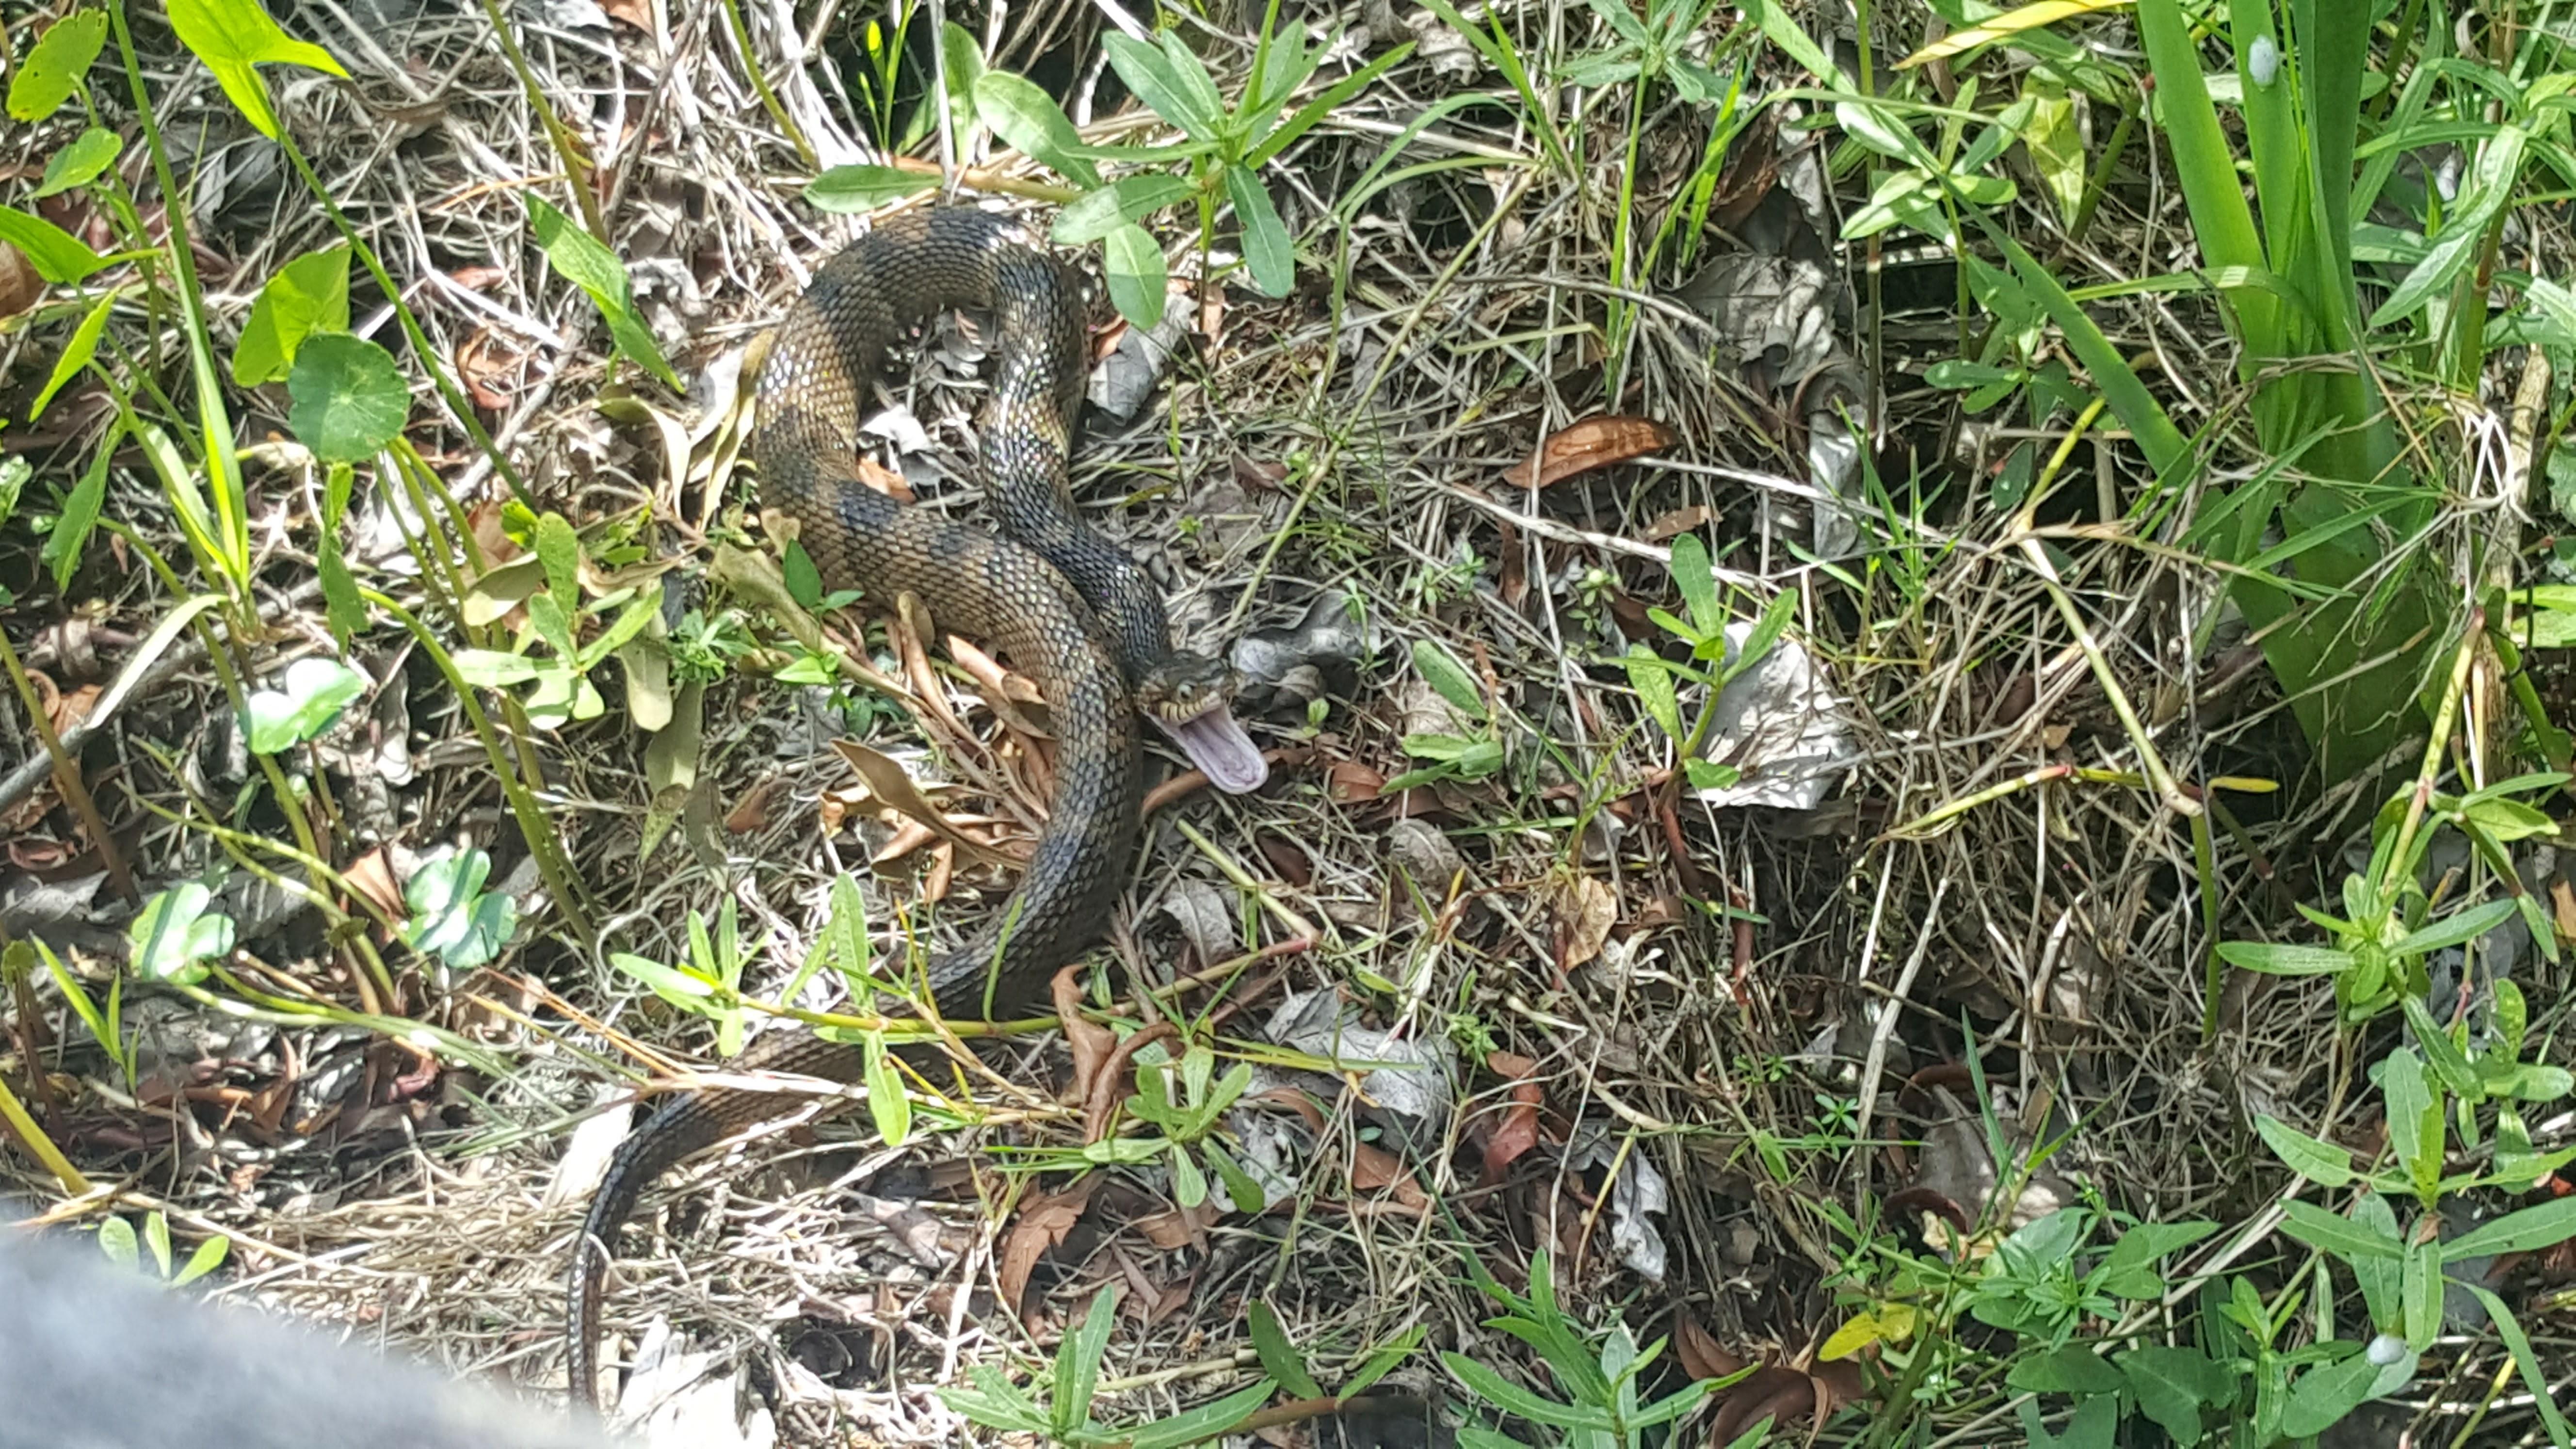 Hey snake